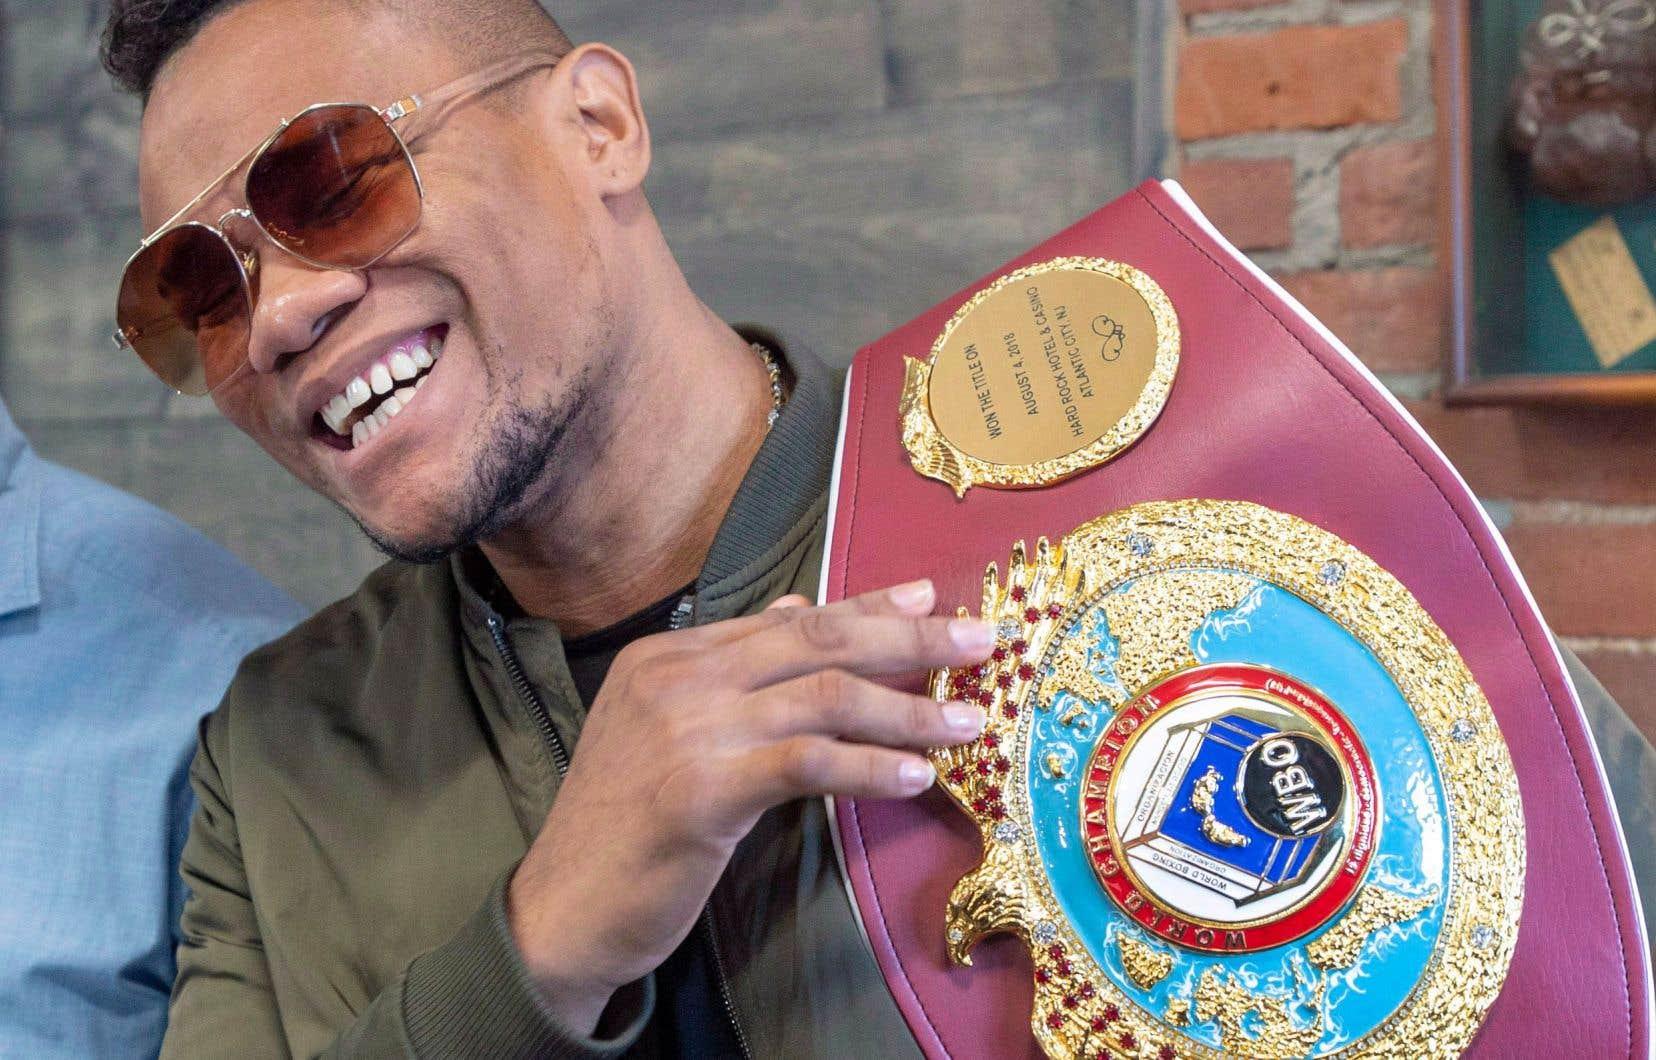 Eleider Álvarez défendra le 2février, à Frisco au Texas, la ceinture des mi-lourds de la World Boxing Organization, qu'il a ravie à Sergey Kovalev le 4août dernier dans l'un des combats de l'année sur la scène internationale.